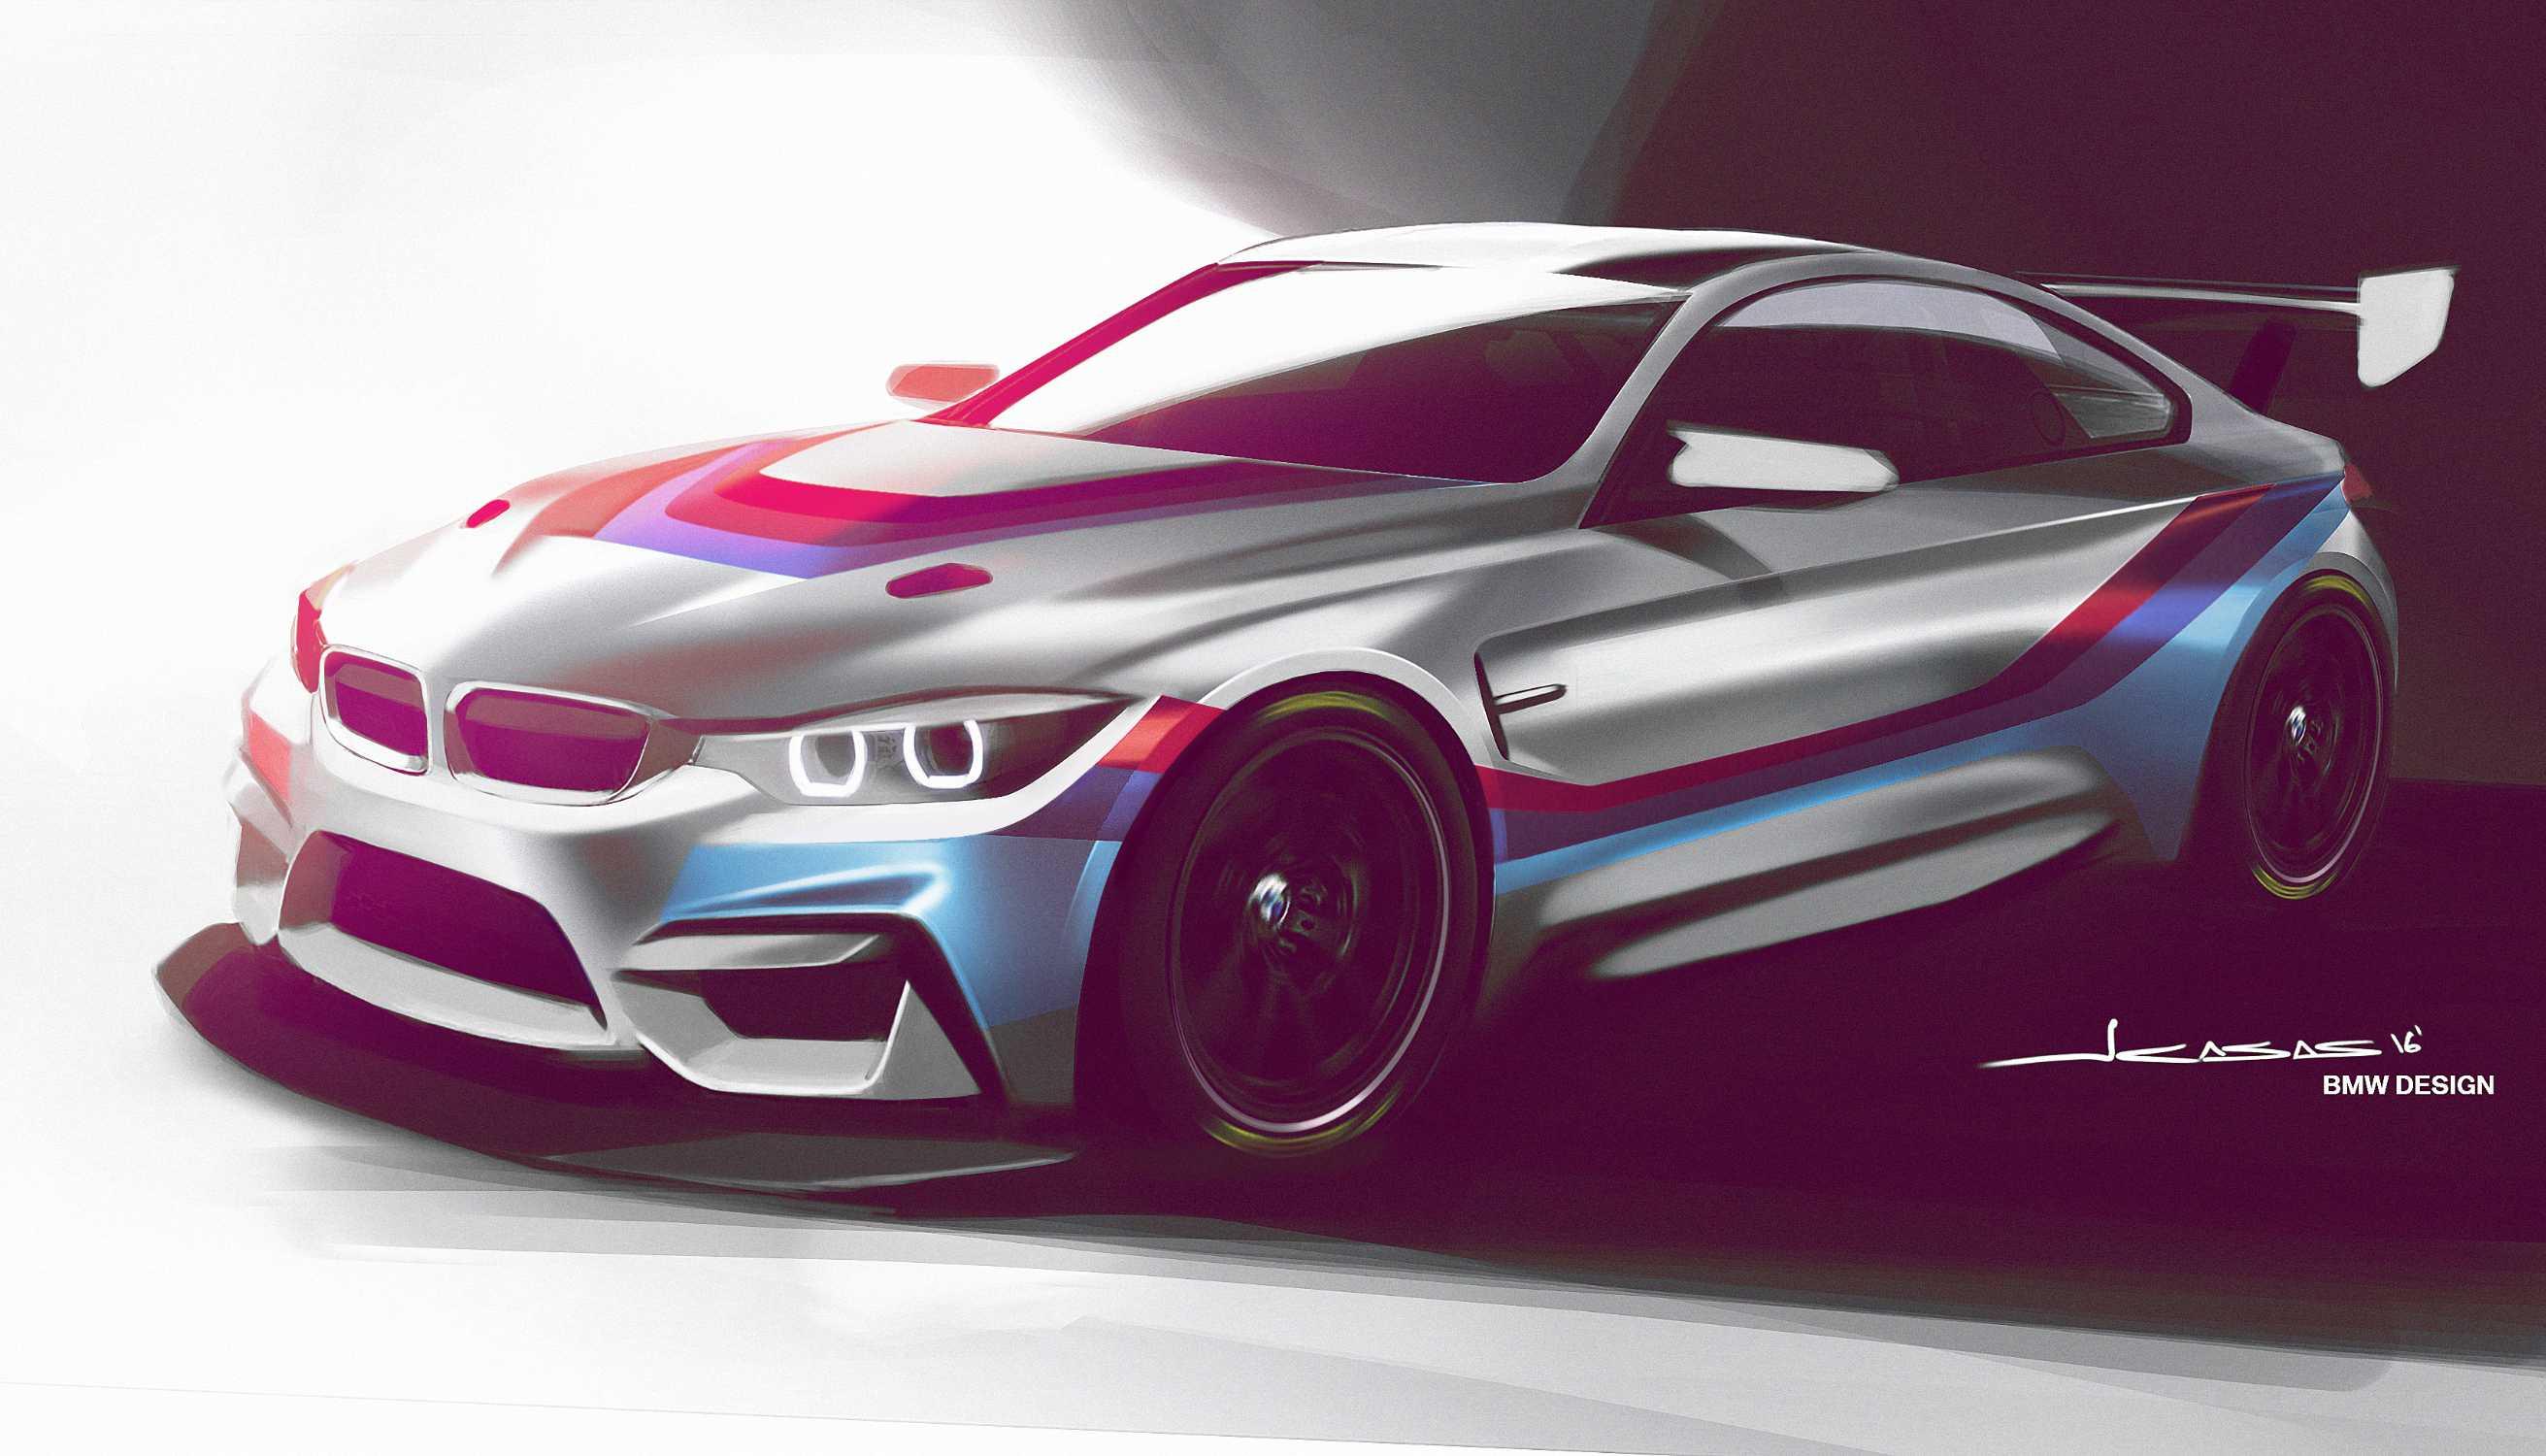 Bmw Erweitert Sein Fahrzeugangebot Im Kundensport Und Bringt 2018